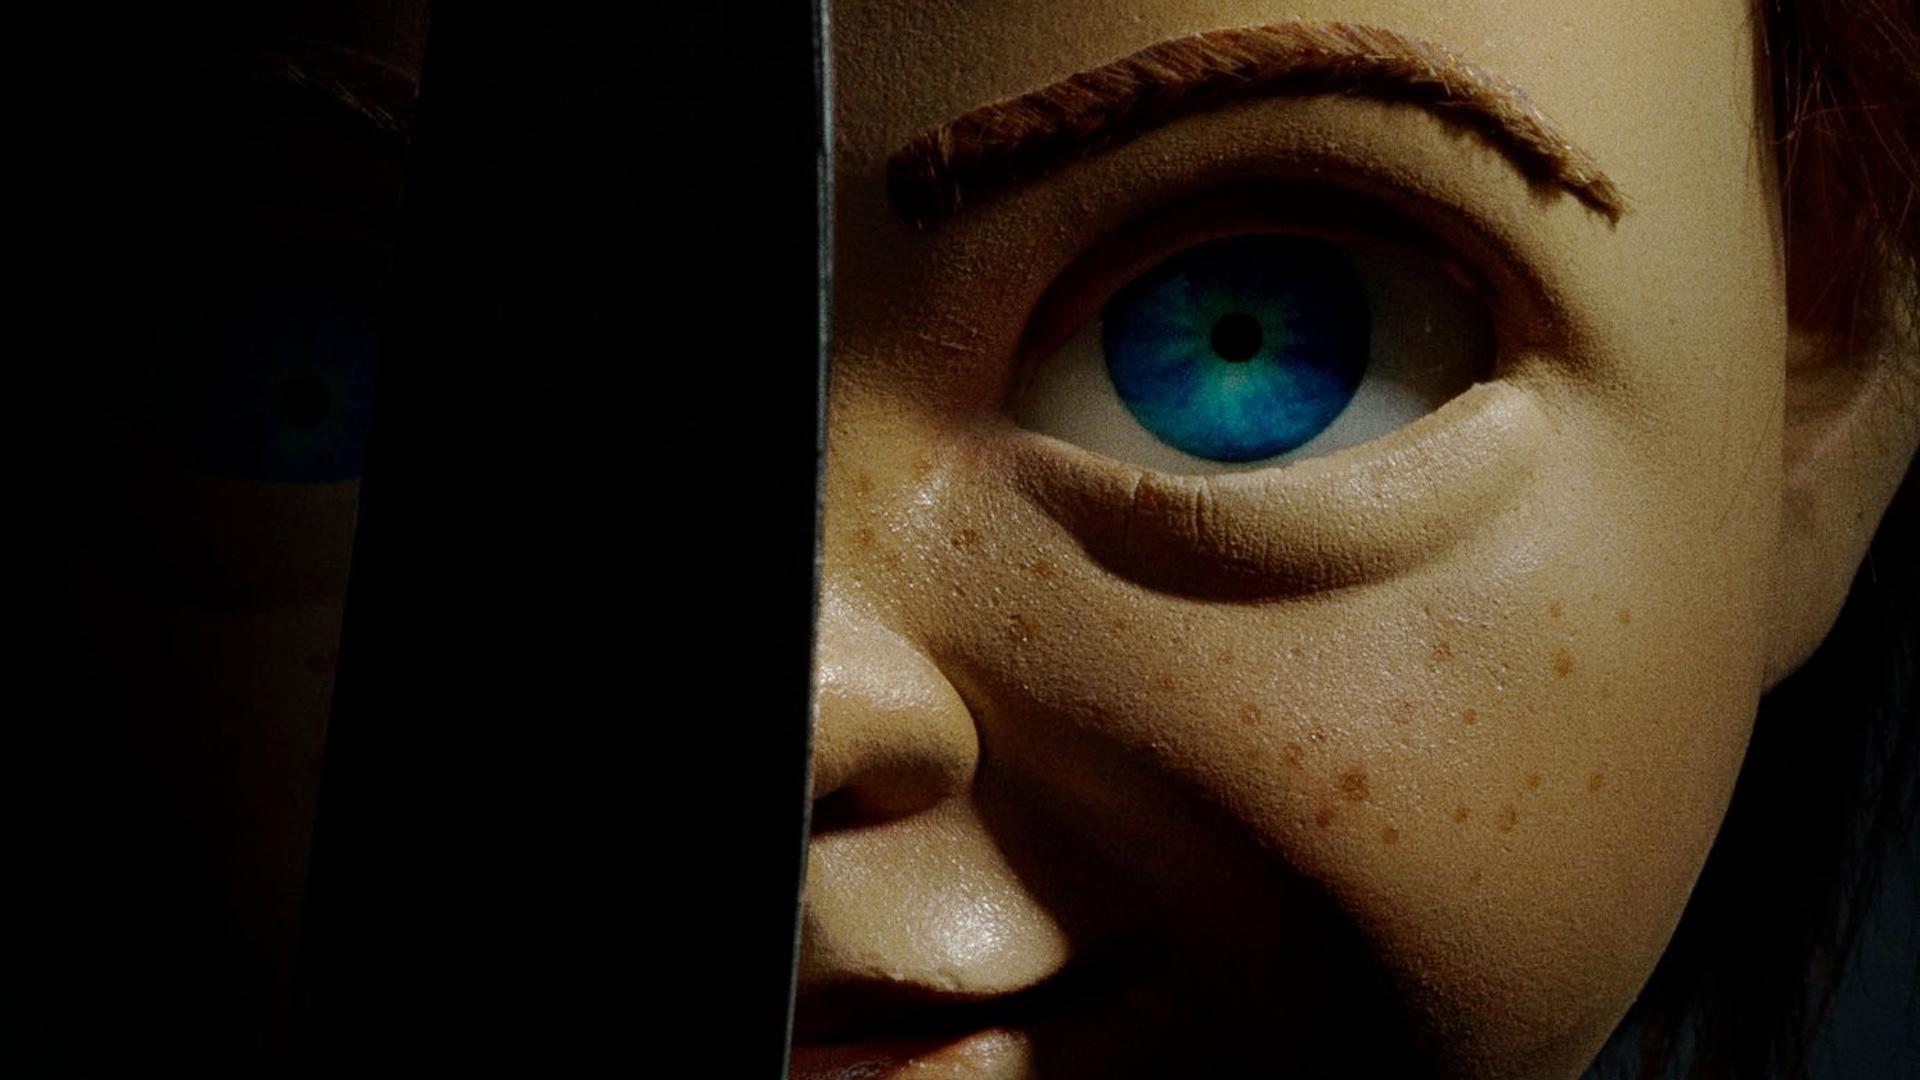 El reboot de Child's Play libera vistazo completo a Chucky de MGM